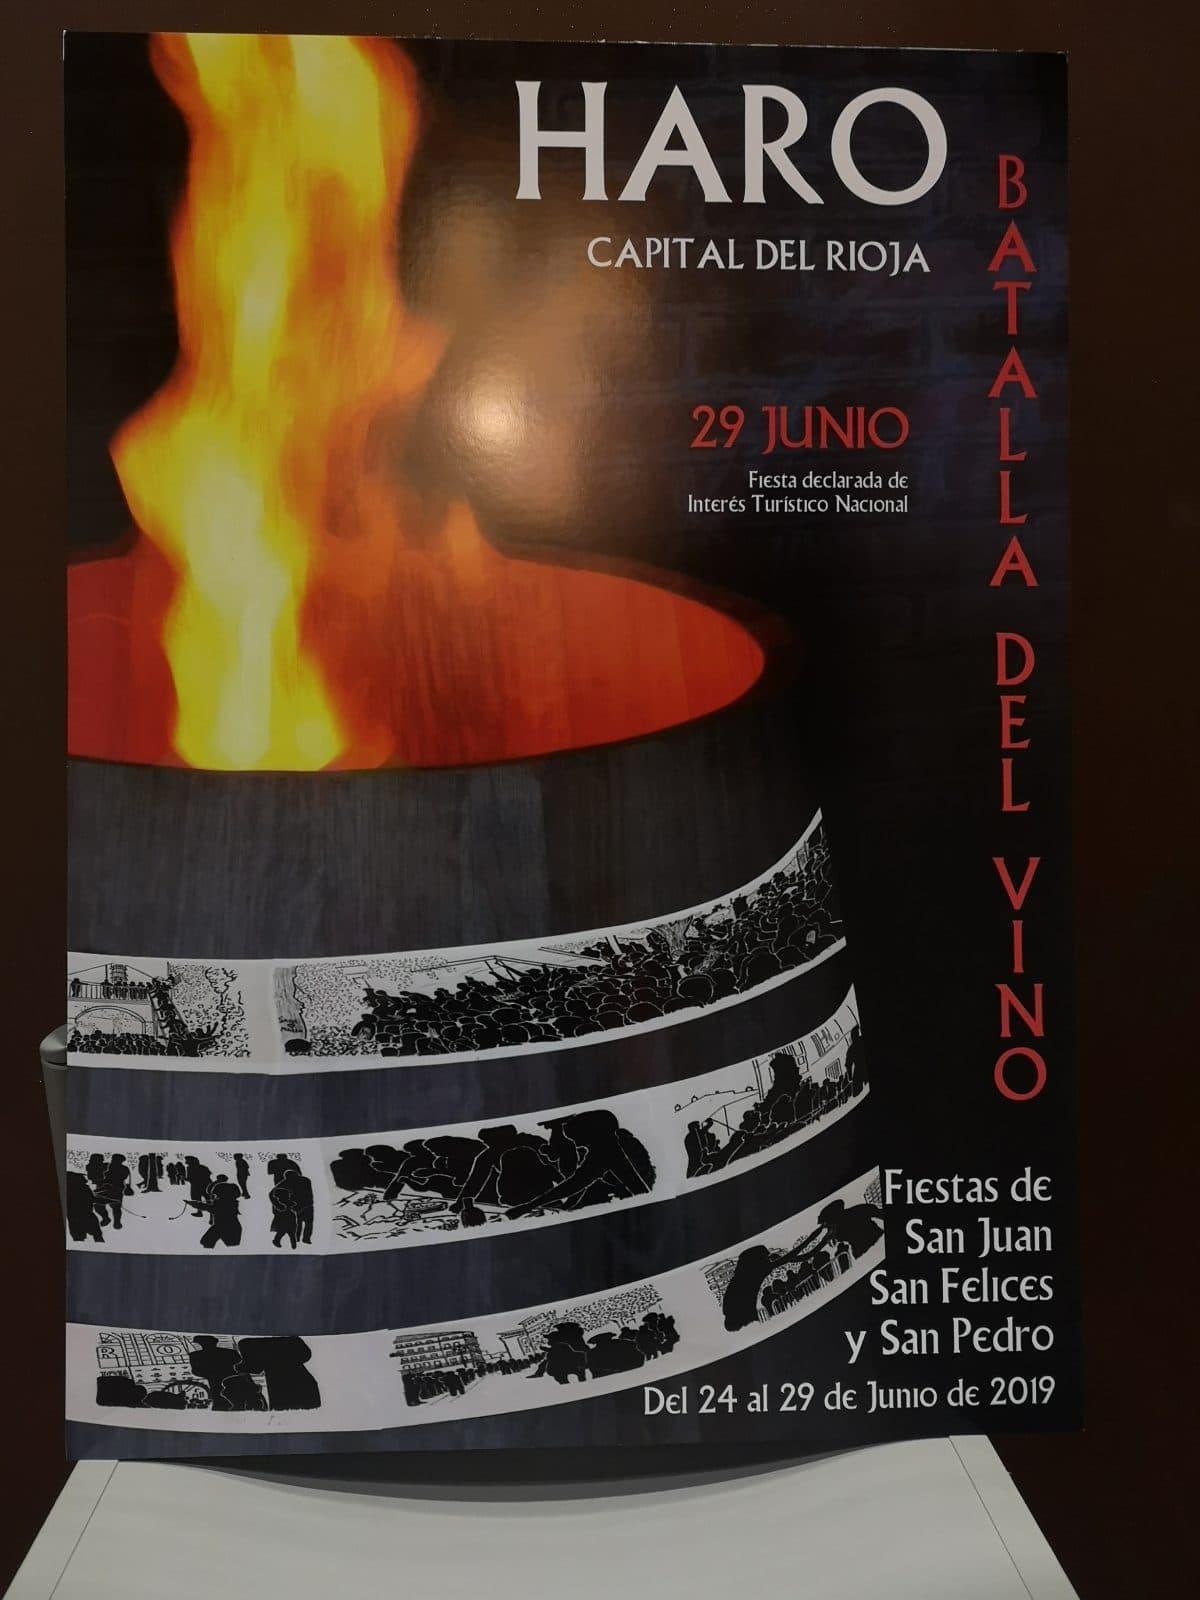 Se abre el plazo para votar por el cartel de las Fiestas de San Juan, San Felices y San Pedro 3